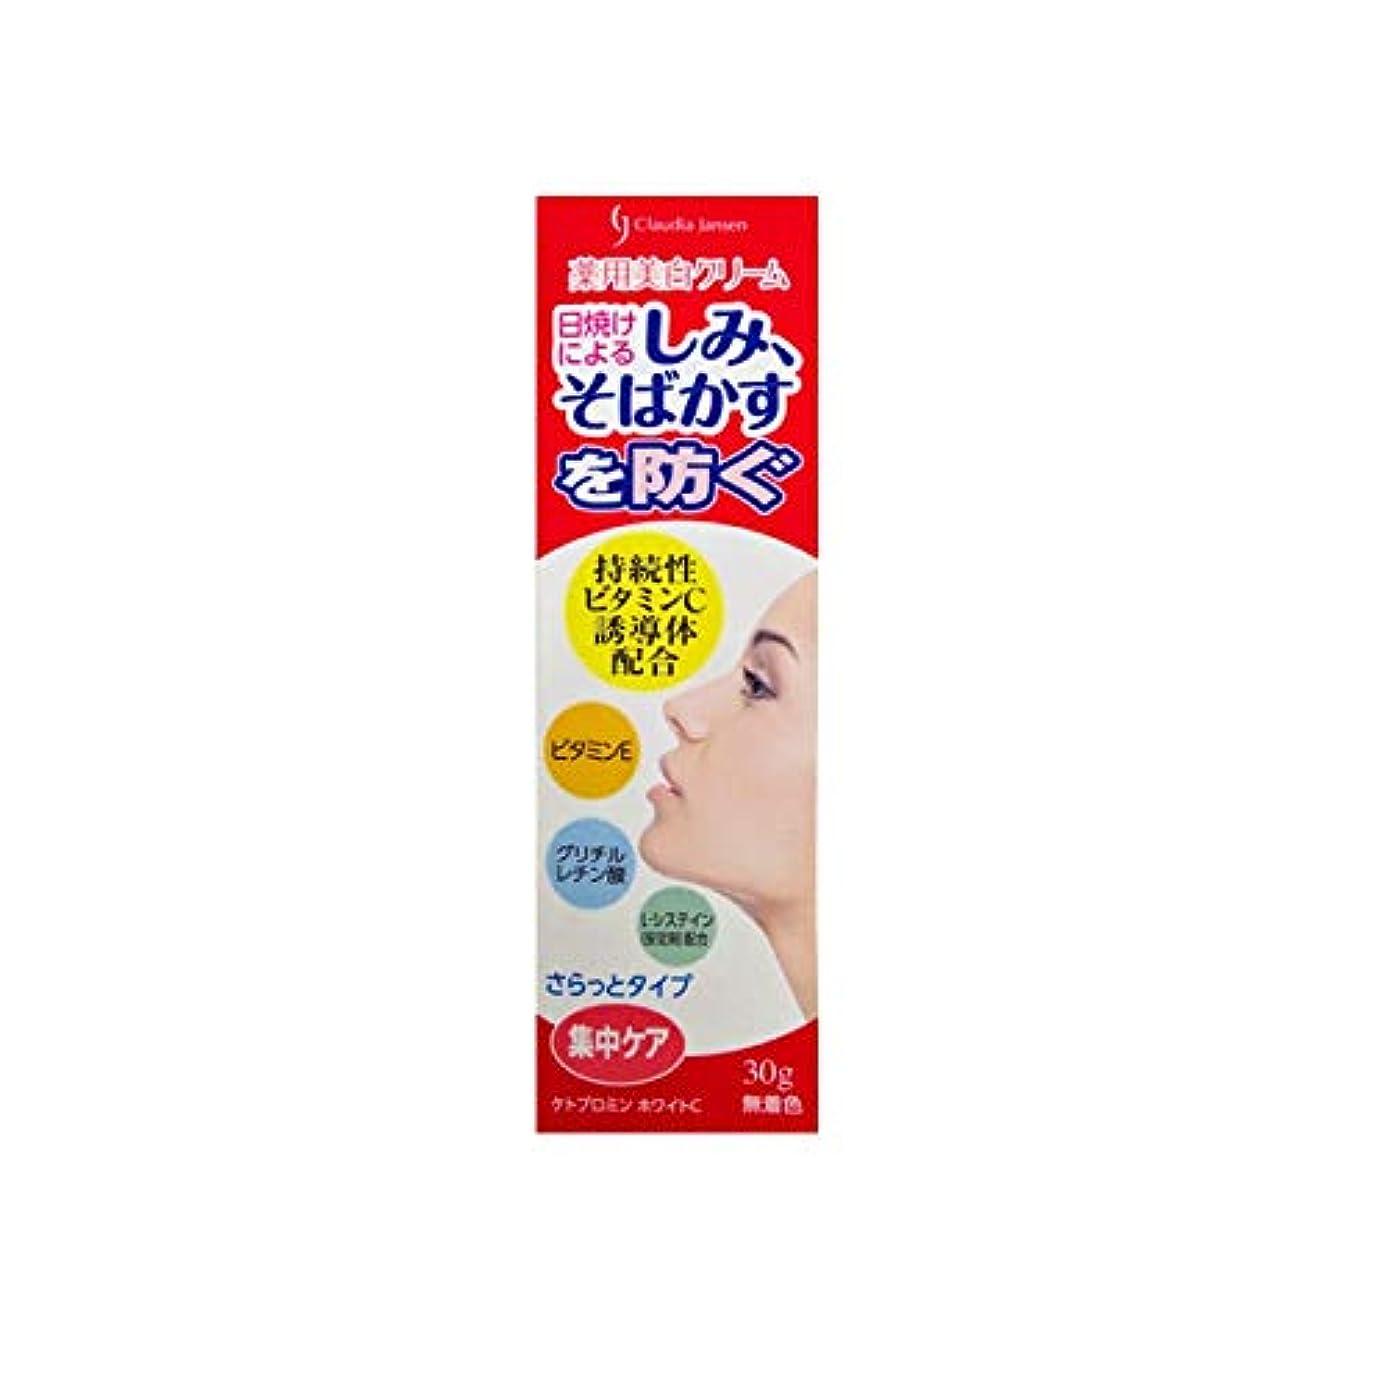 毒テセウス引き渡す三友薬品 医薬部外品 薬用ホワイトニングクリームC 30g